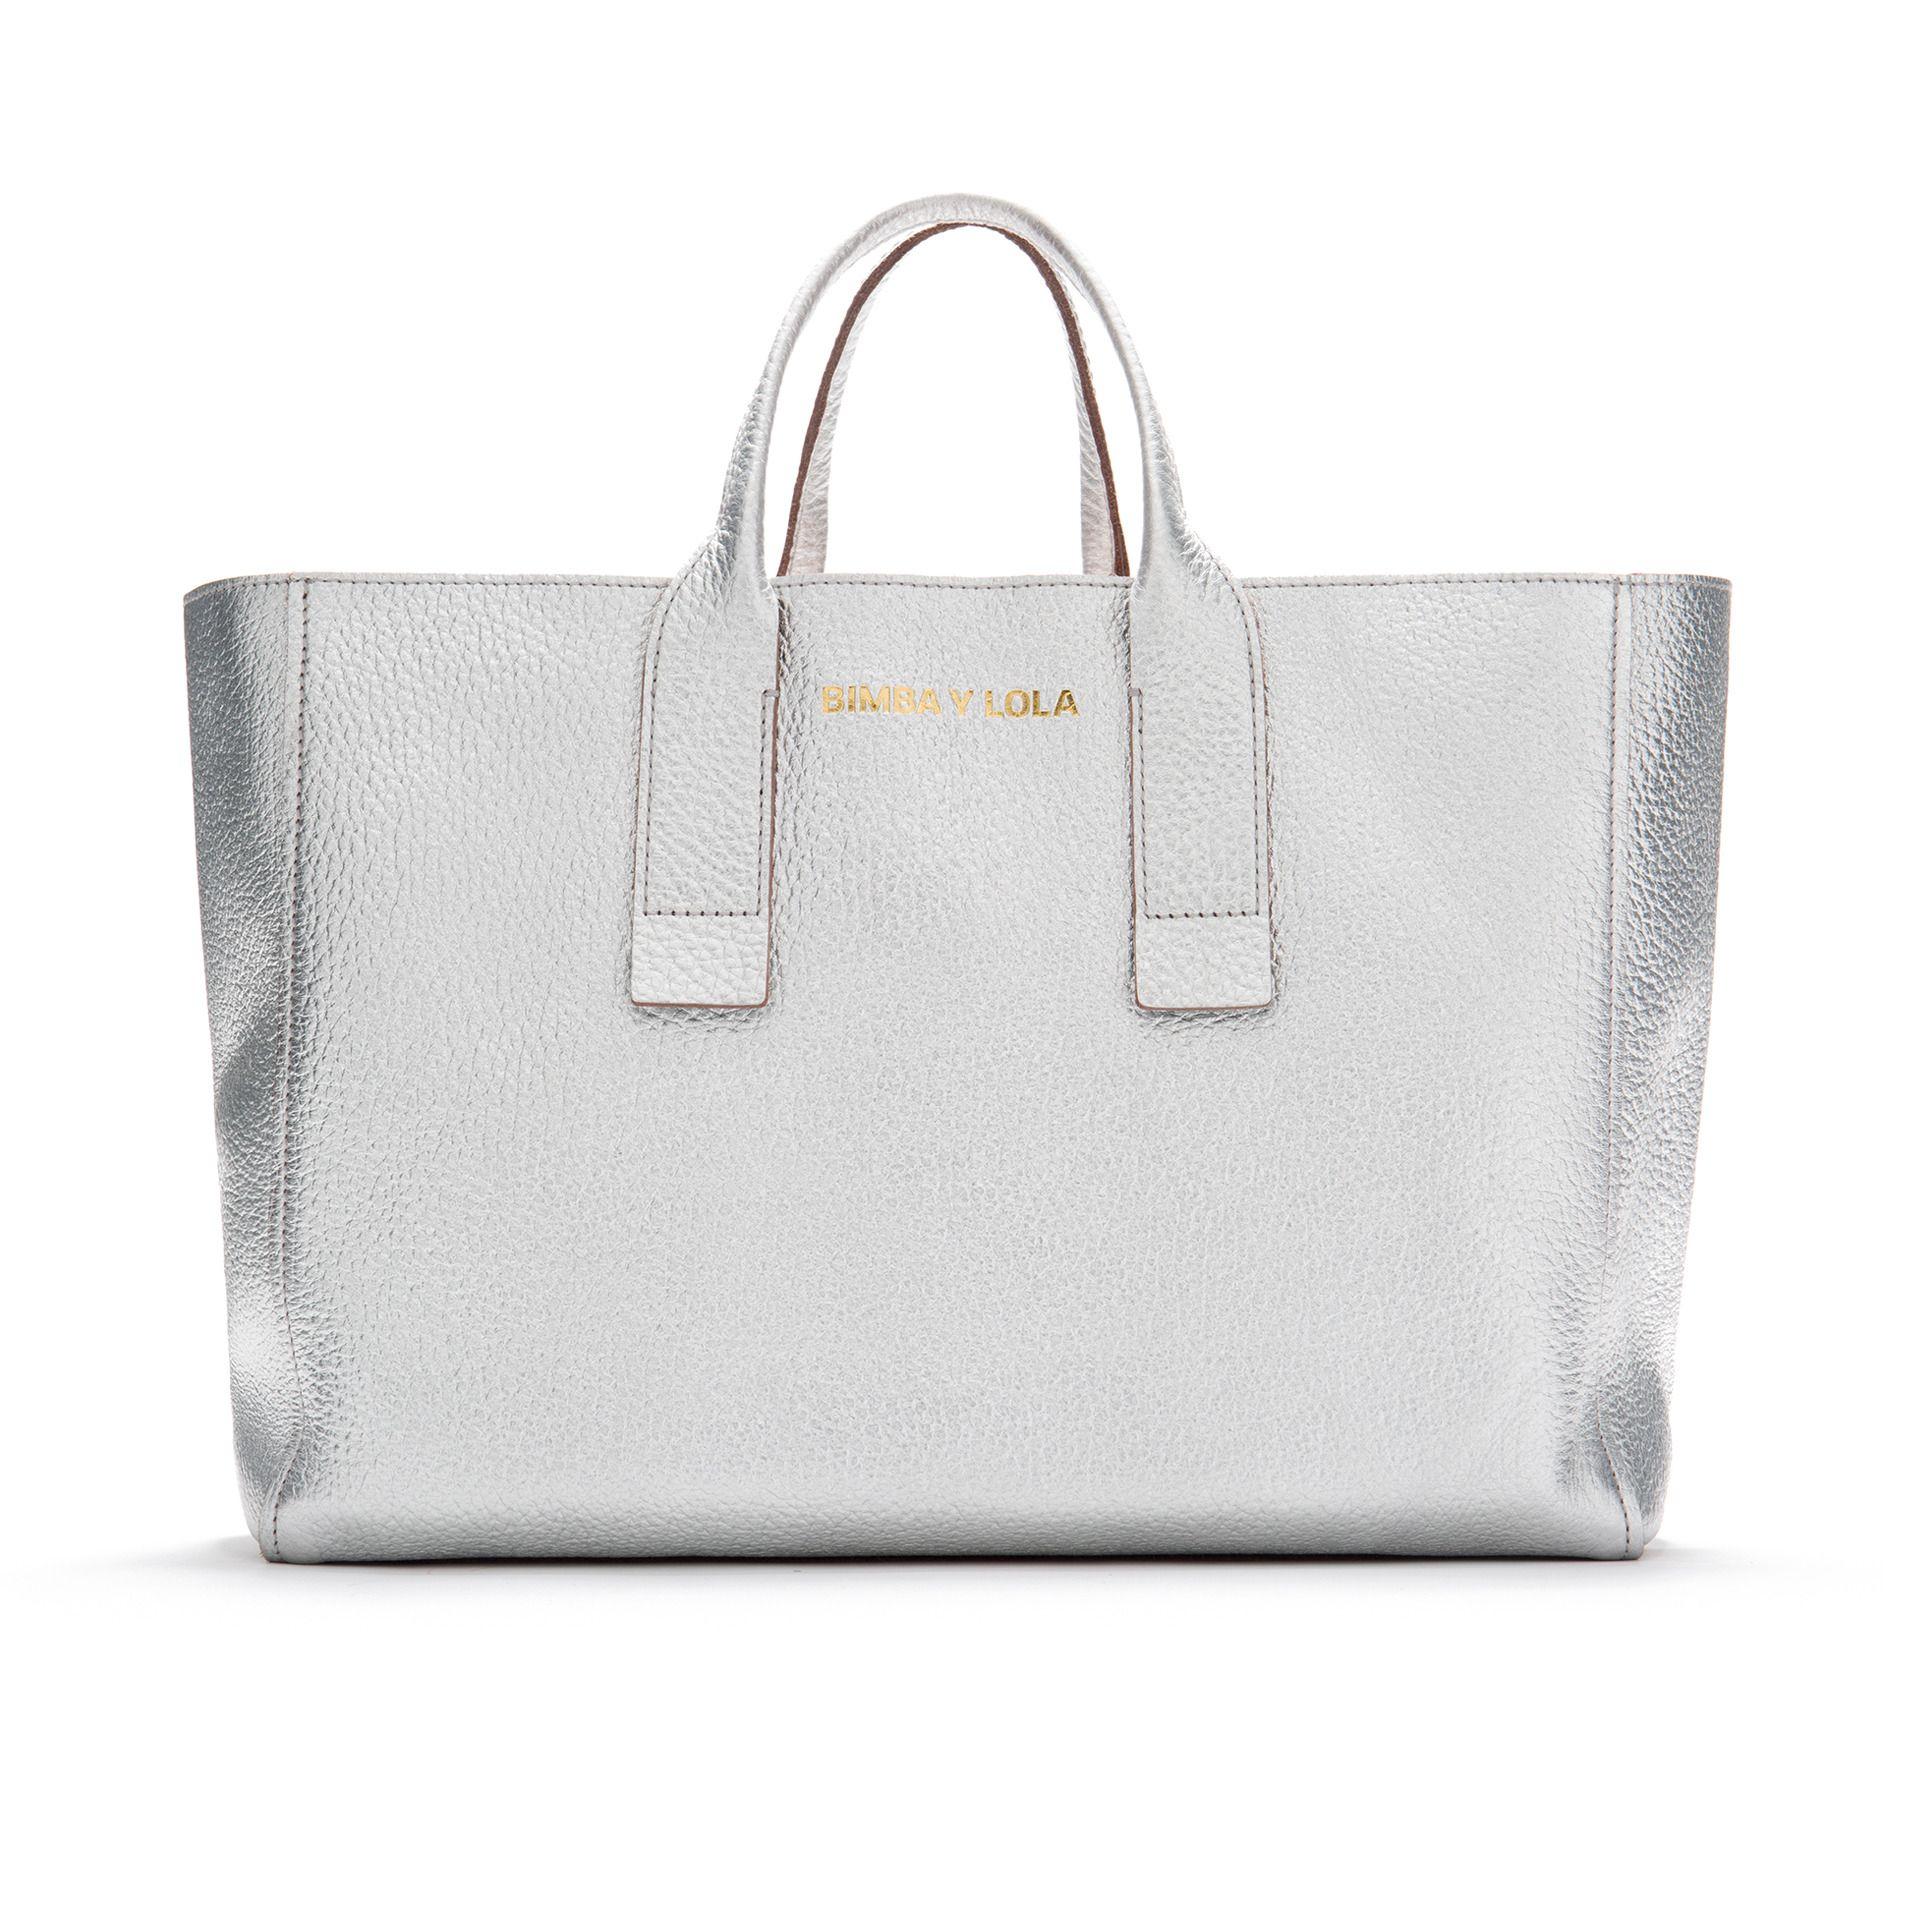 be9e7b2ad0024 Bolso shopper de piel BIMBA Y LOLA en color plata con efecto metalizado.